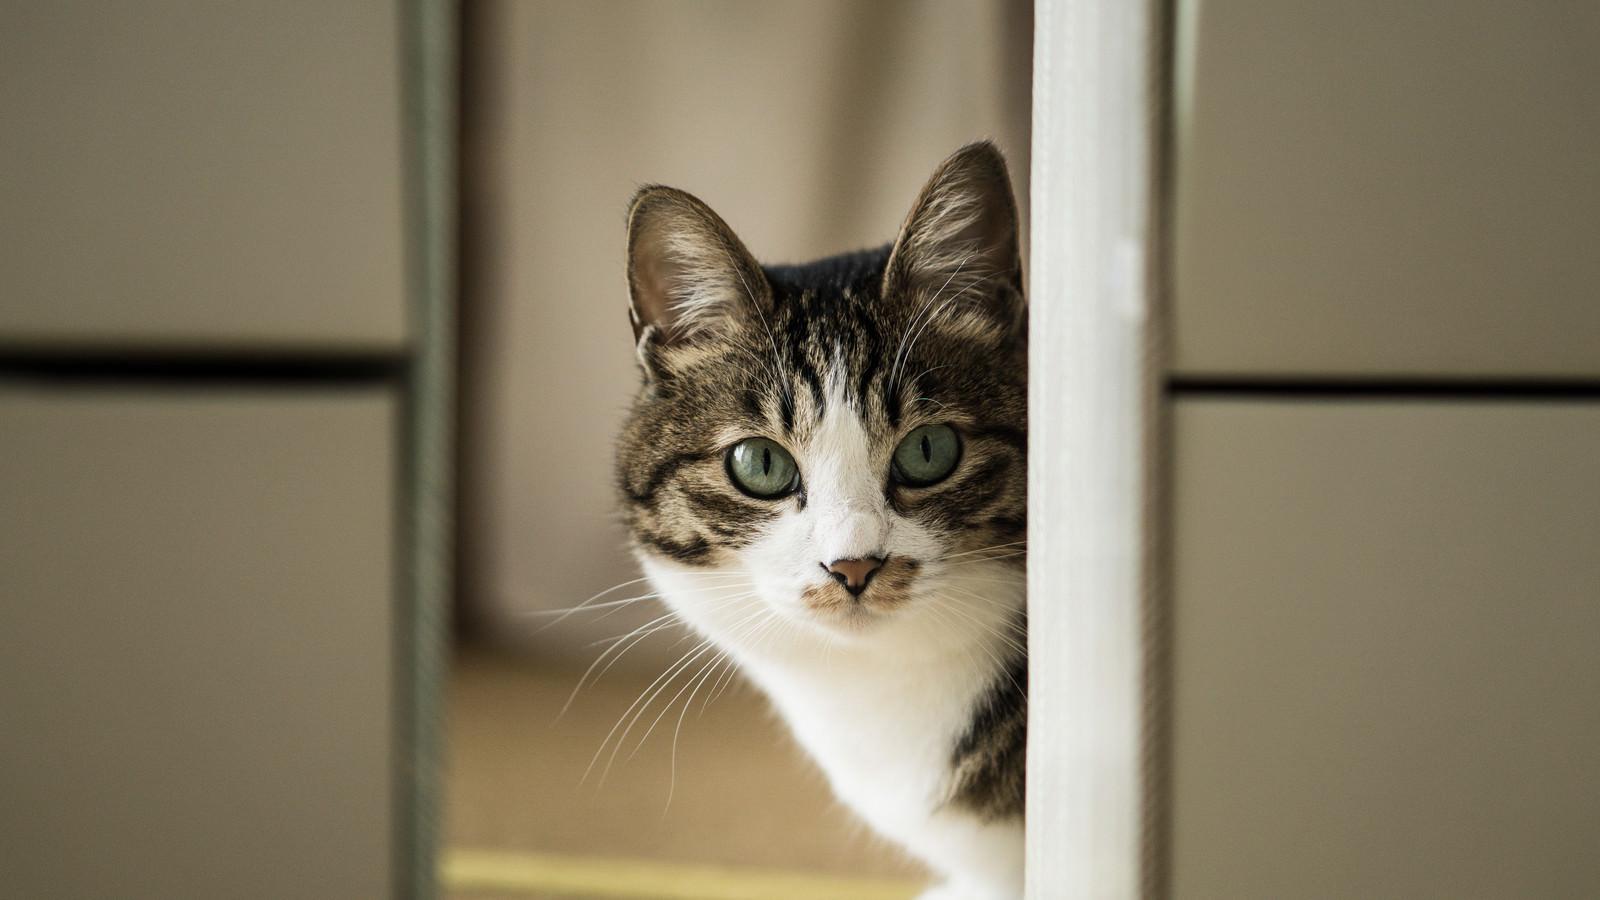 「餌の時間と聞いて(猫)」の写真